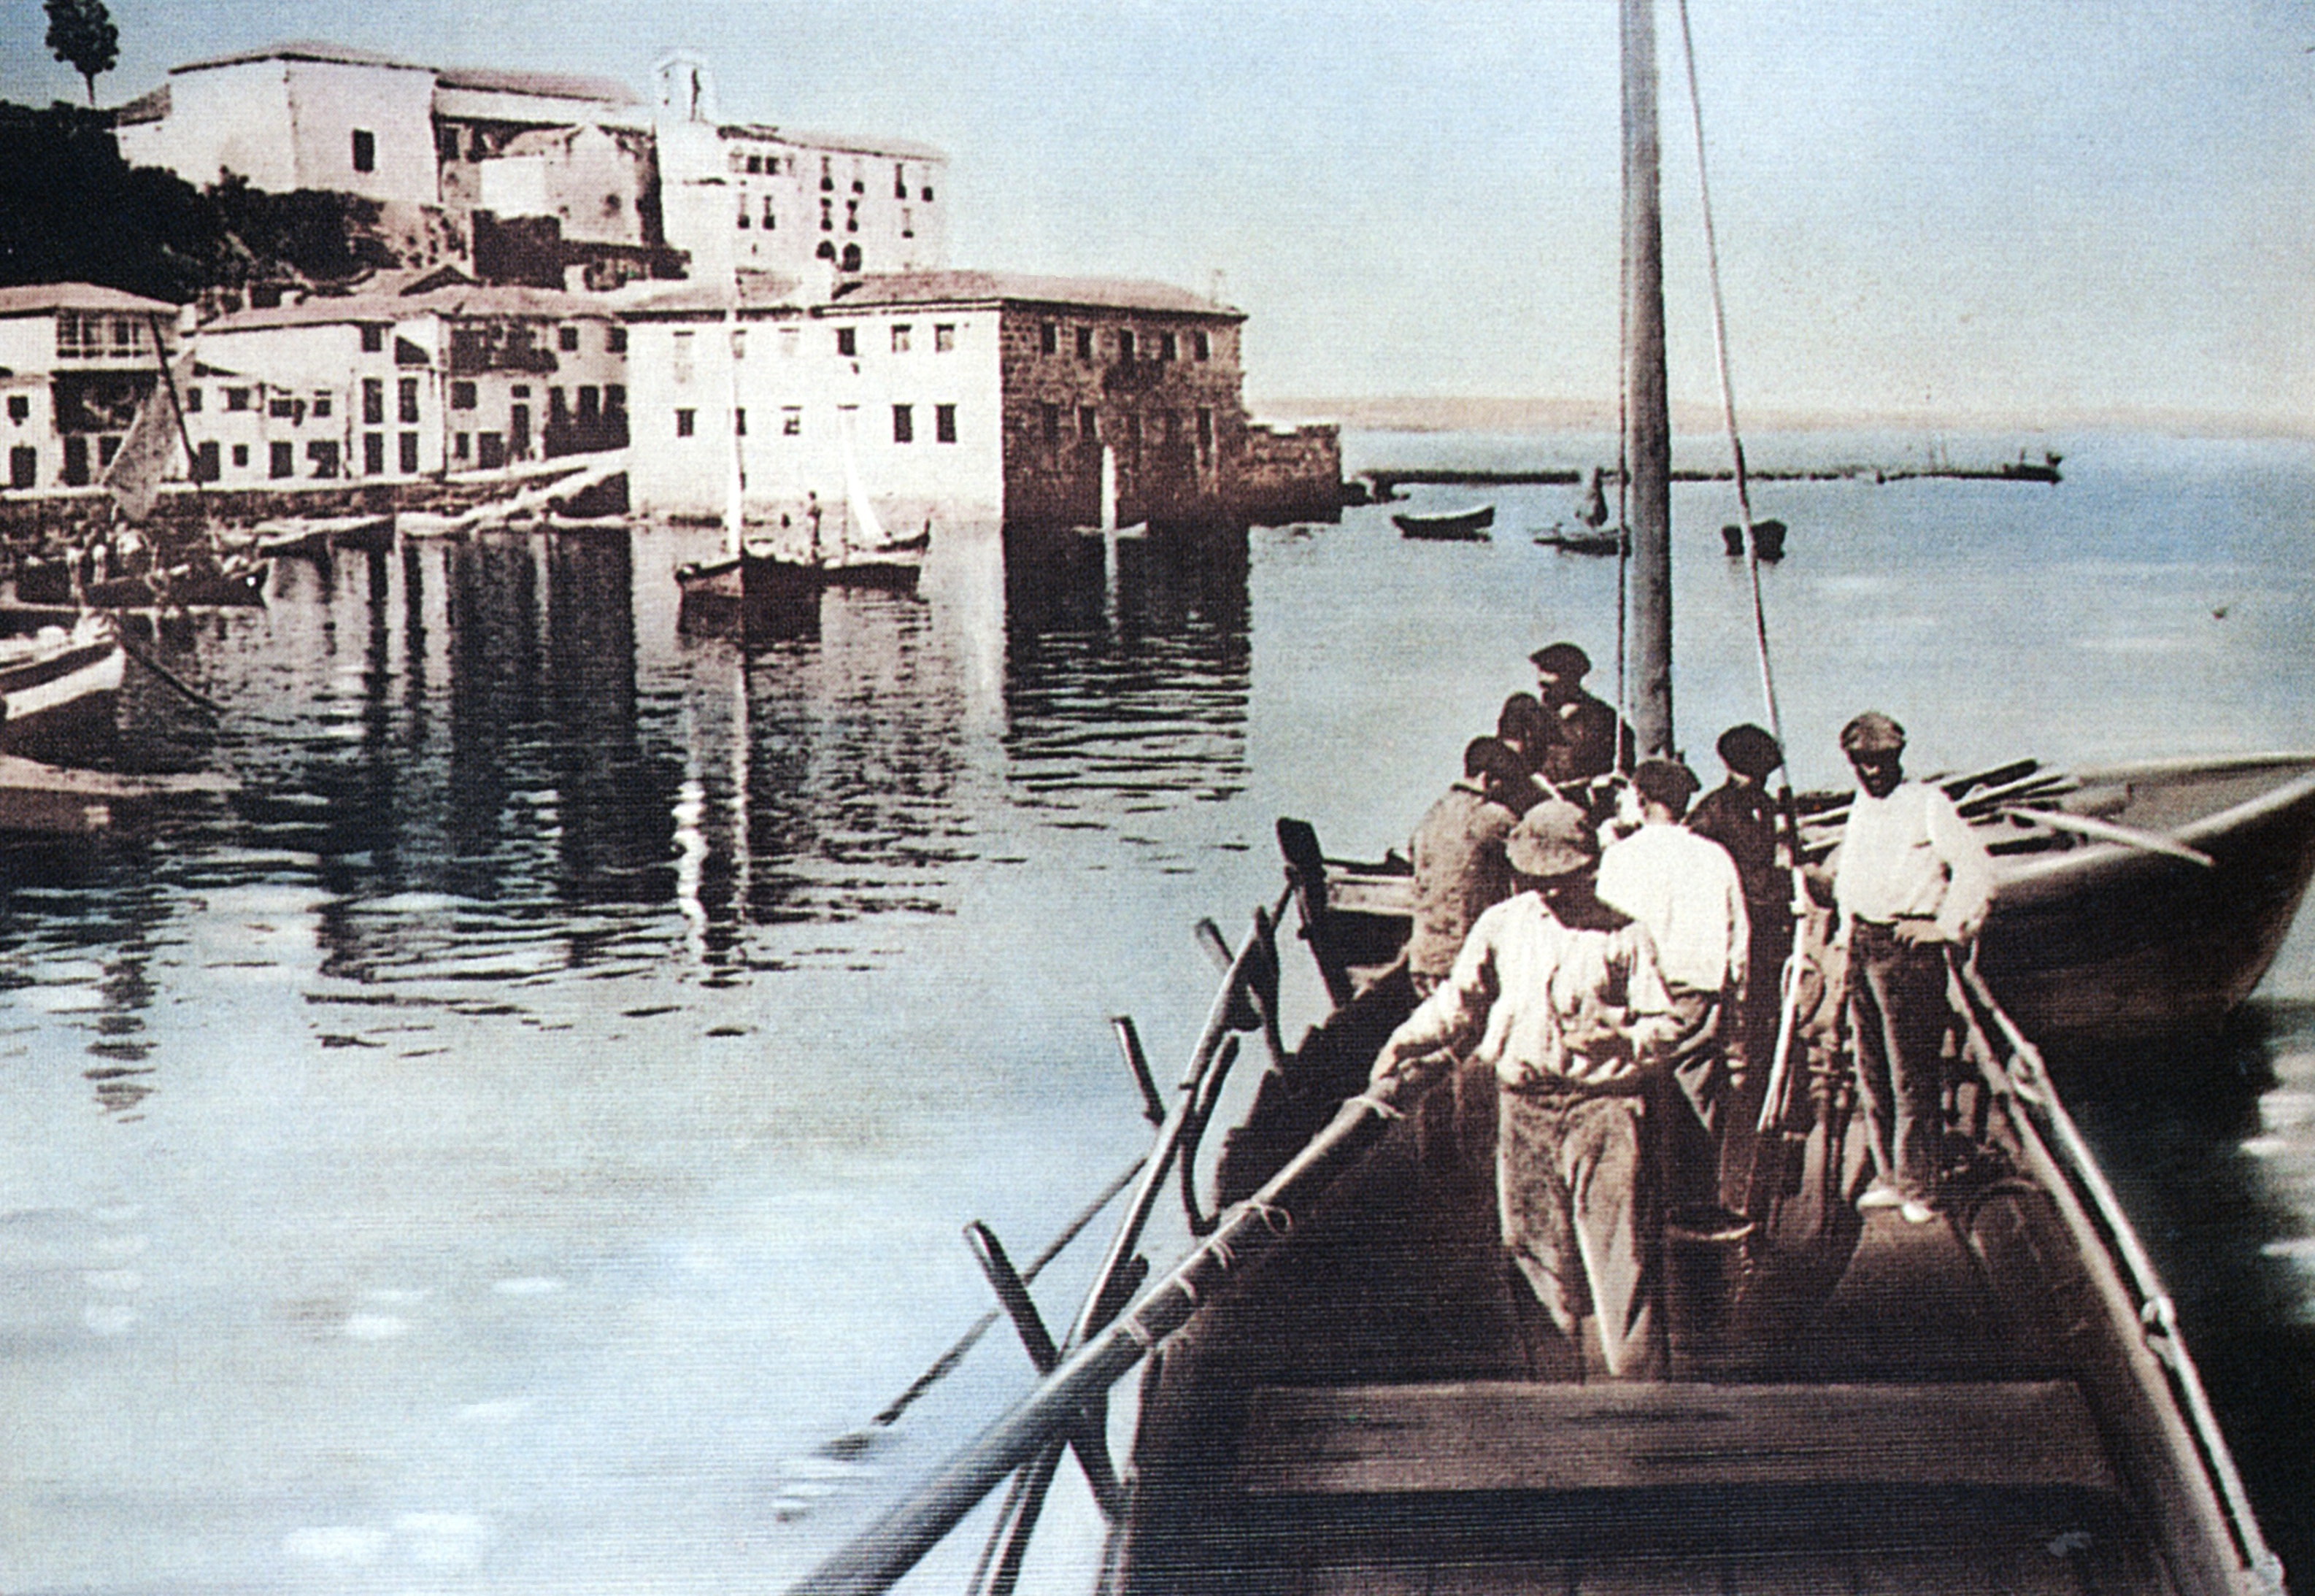 Historia en un grabado. El Berbés a finales del siglo XIX ...